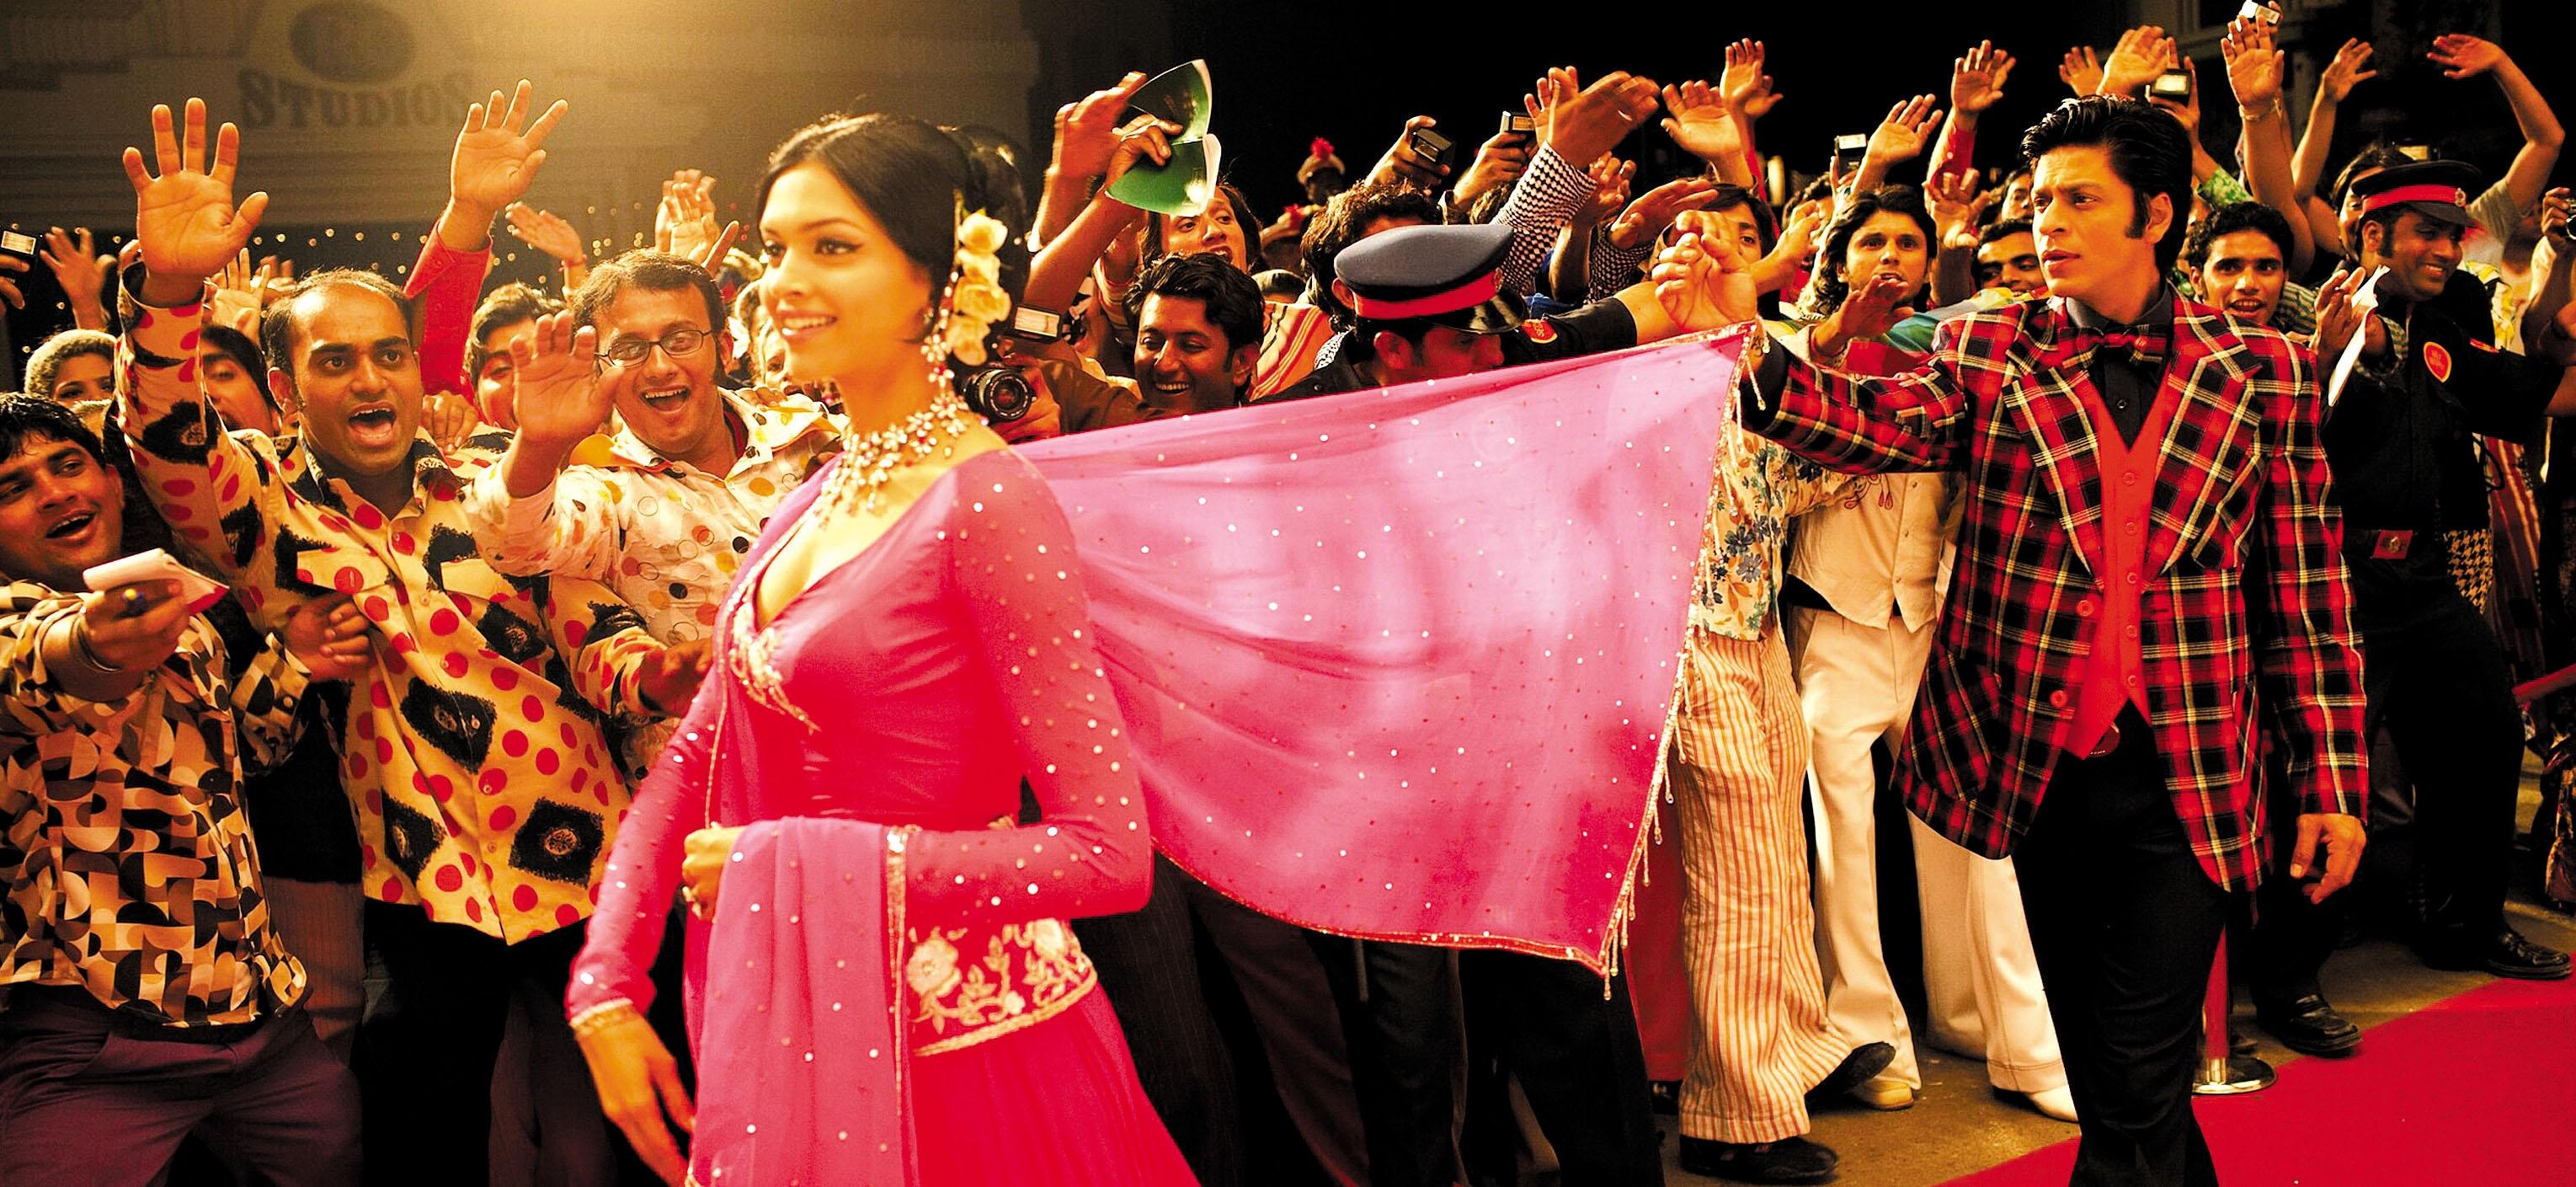 Om Shanti Shanti Shanti | Top Pictures Gallery